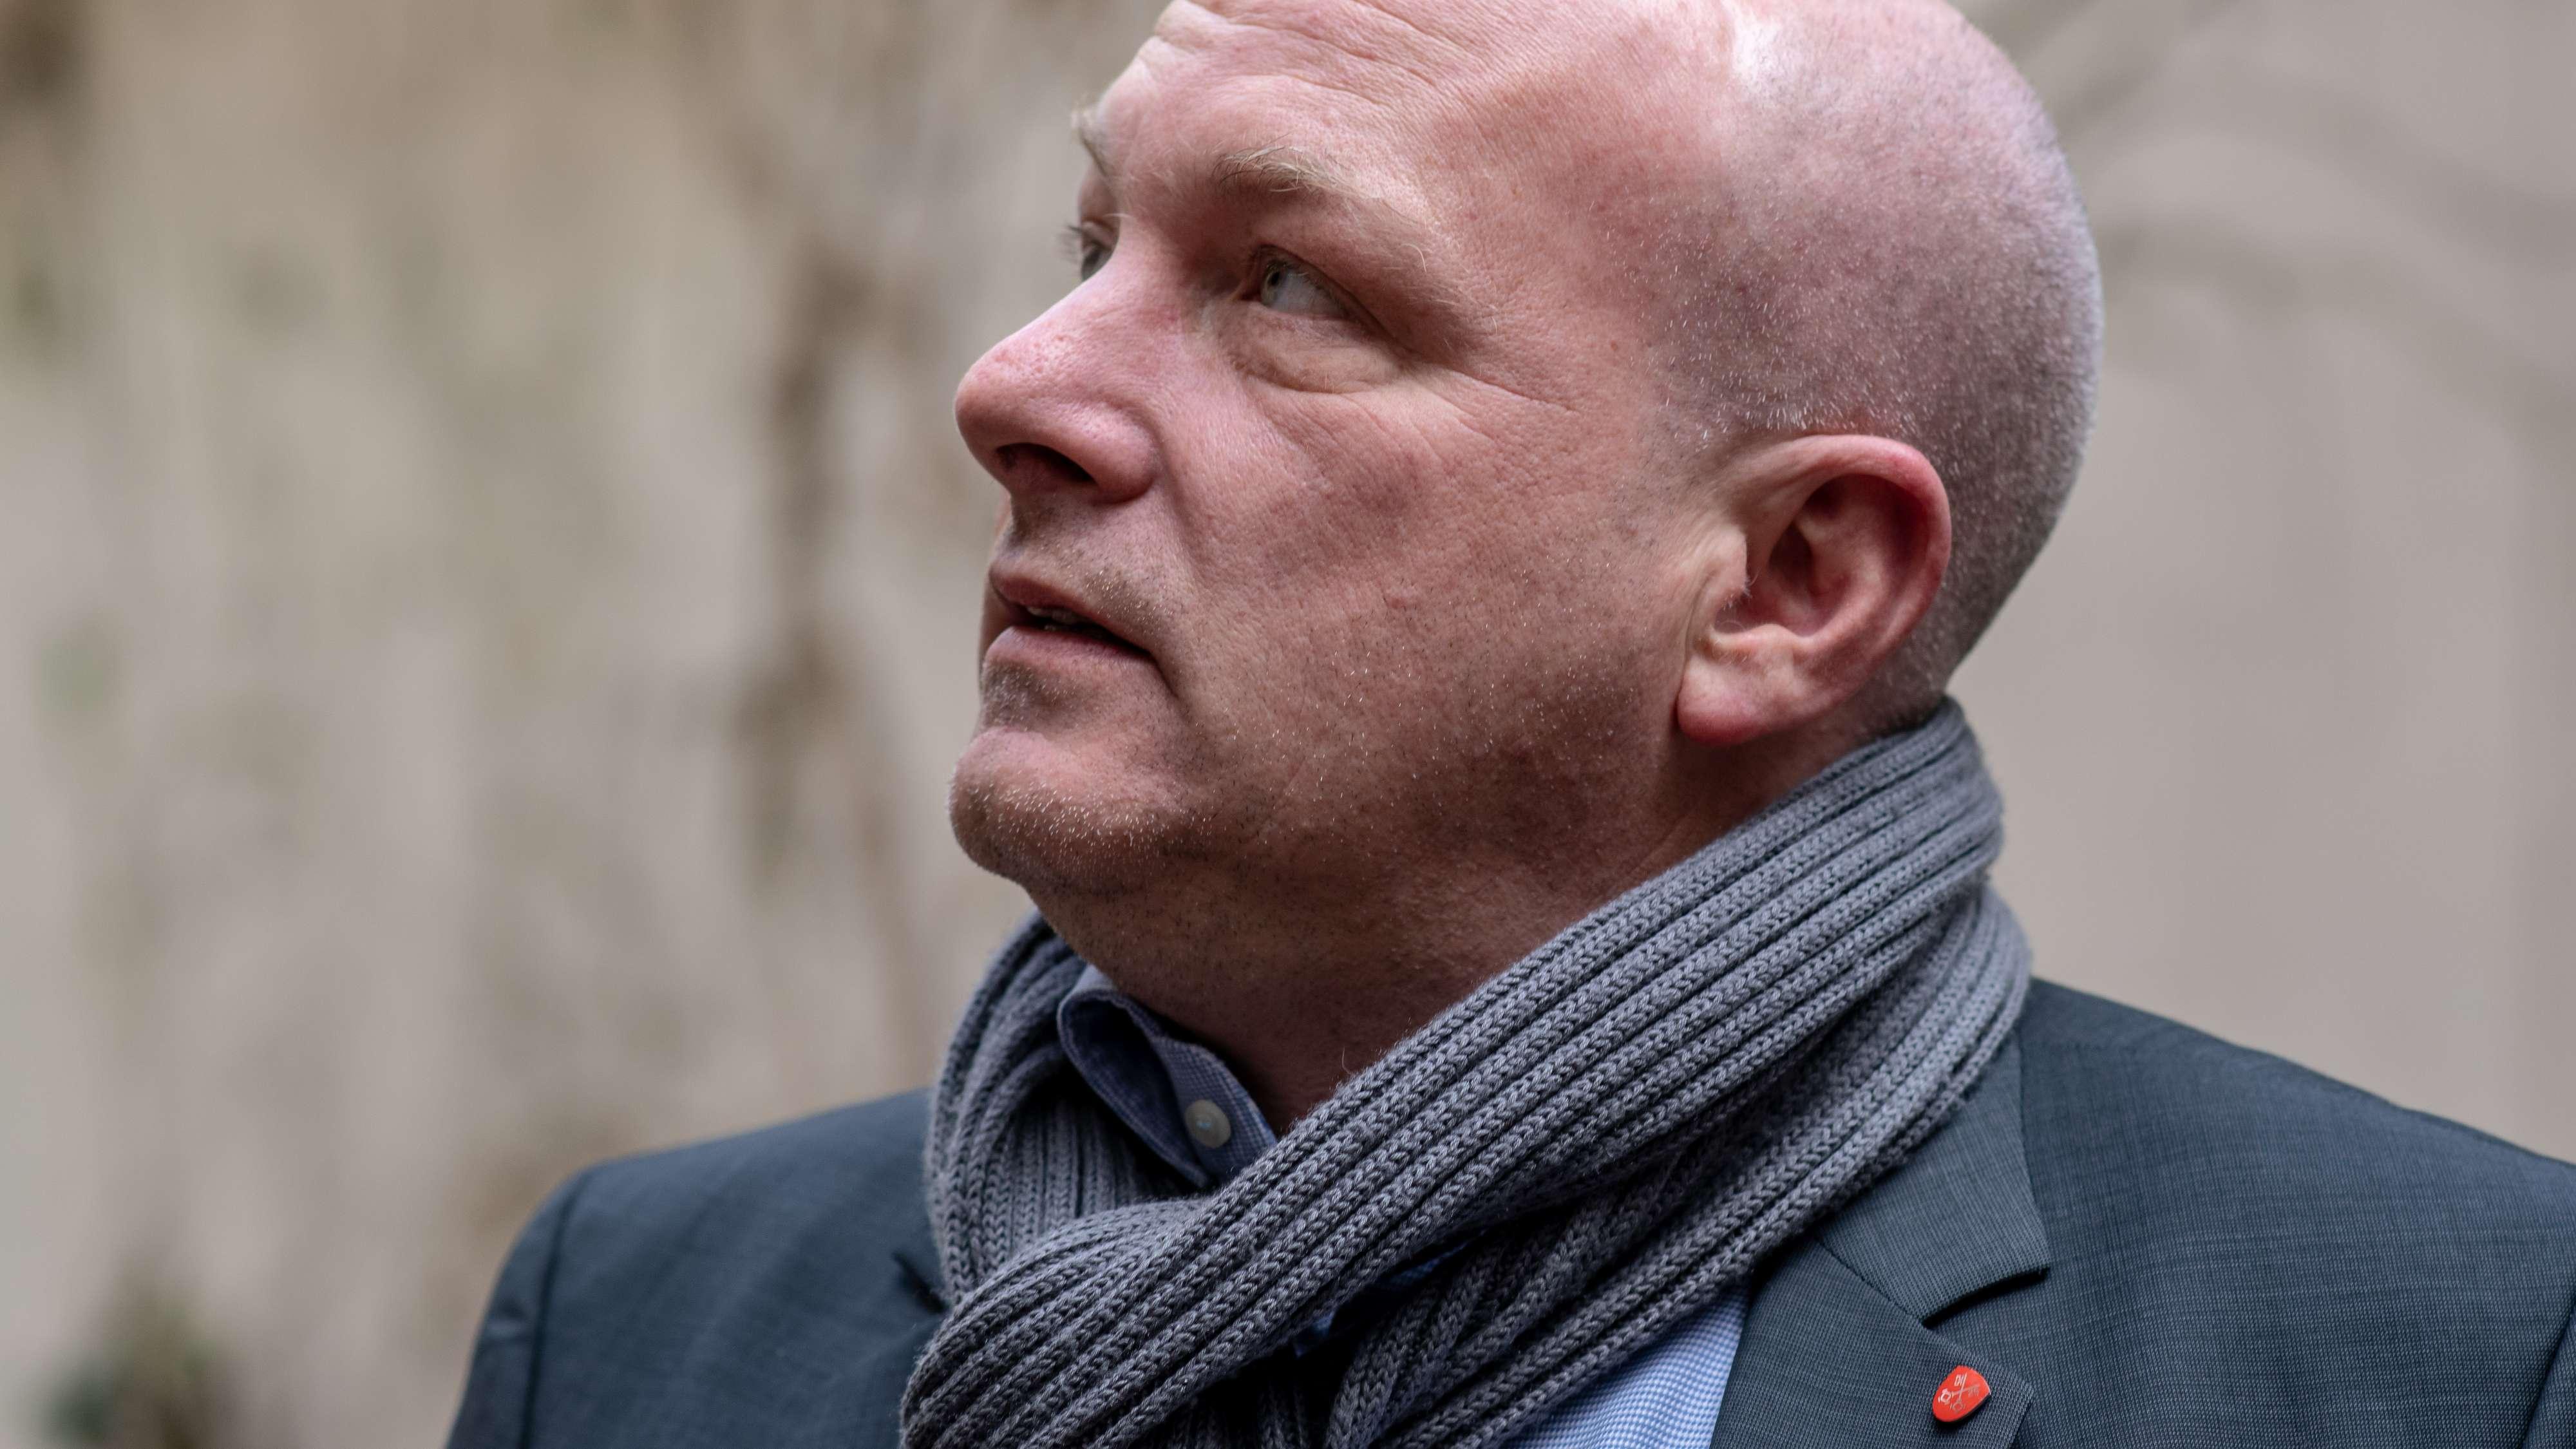 Joachim Wolbergs verlässt die SPD und kommt damit seinem Rauswurf zuvor. Er gehörte der Partei mehr als 30 Jahre lang an.